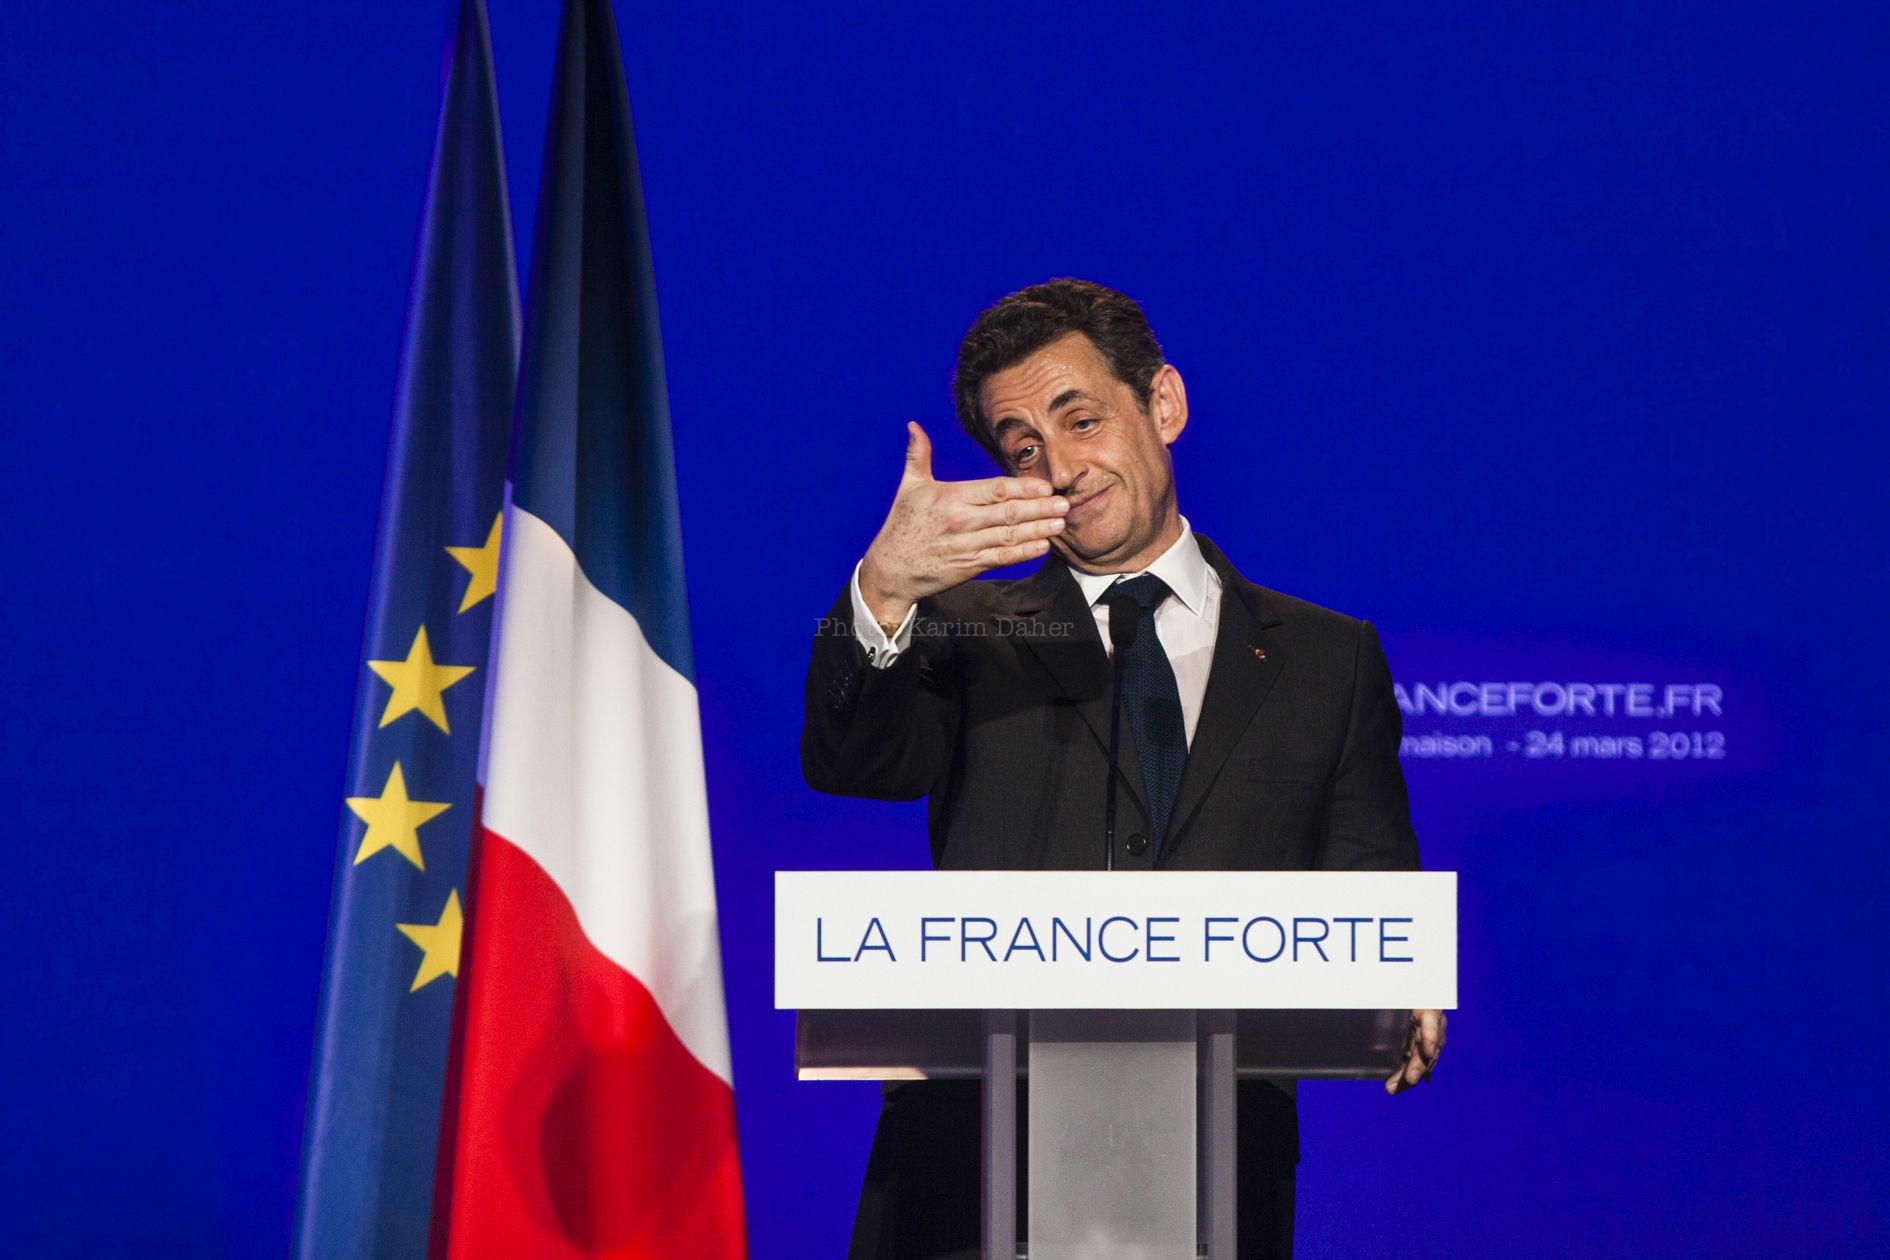 Campagne présidentielle 2012. Meeting de Nicolas Sarkozy.